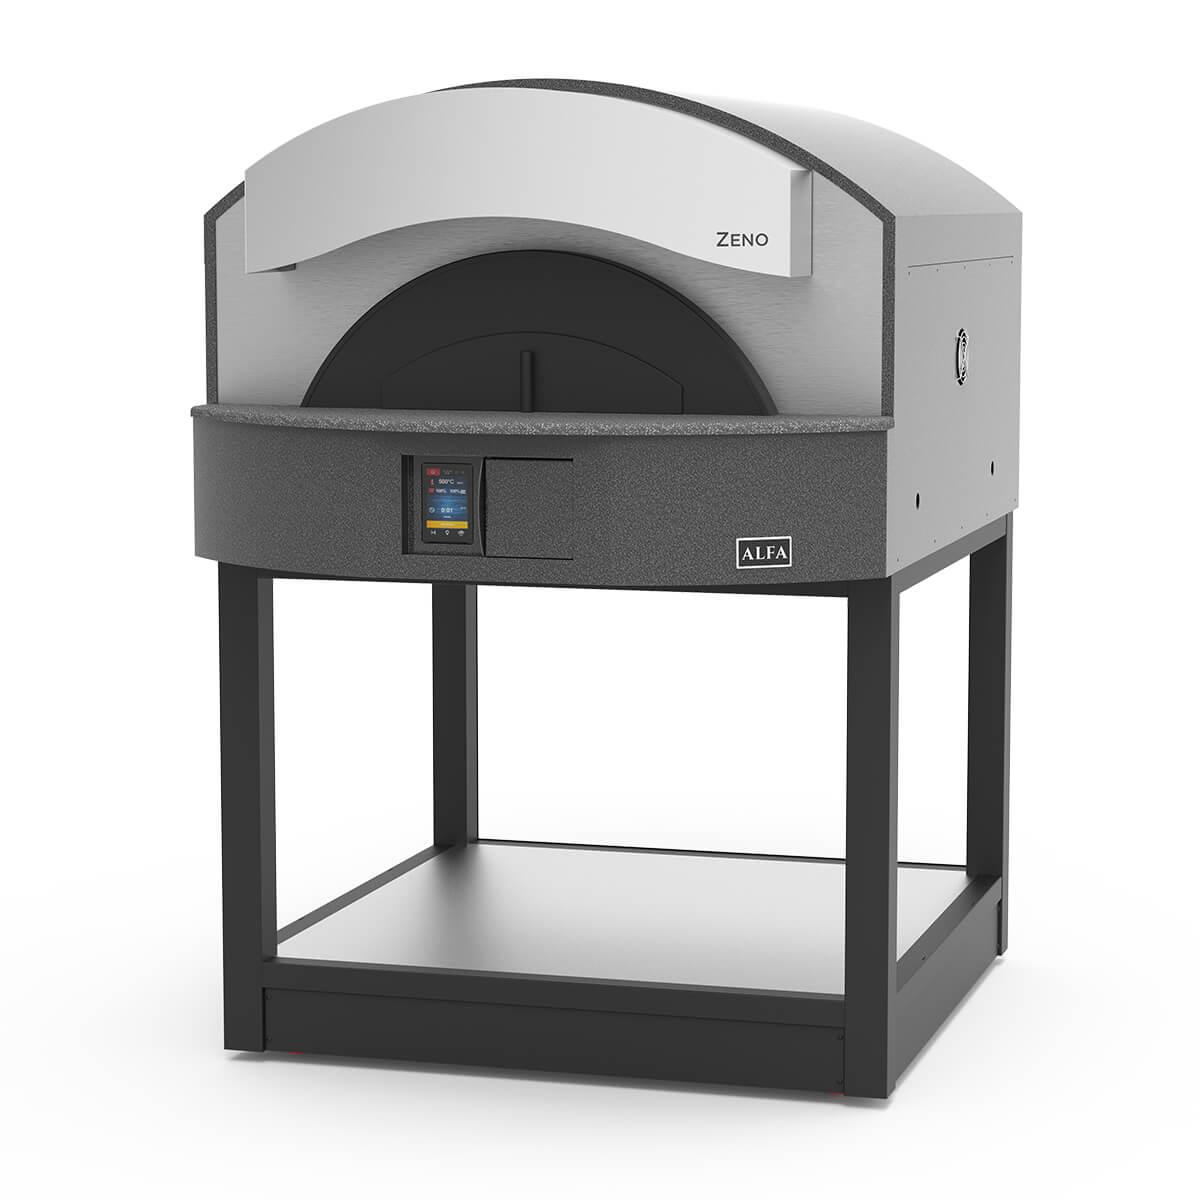 Alfa Zeno electric pizza ovn